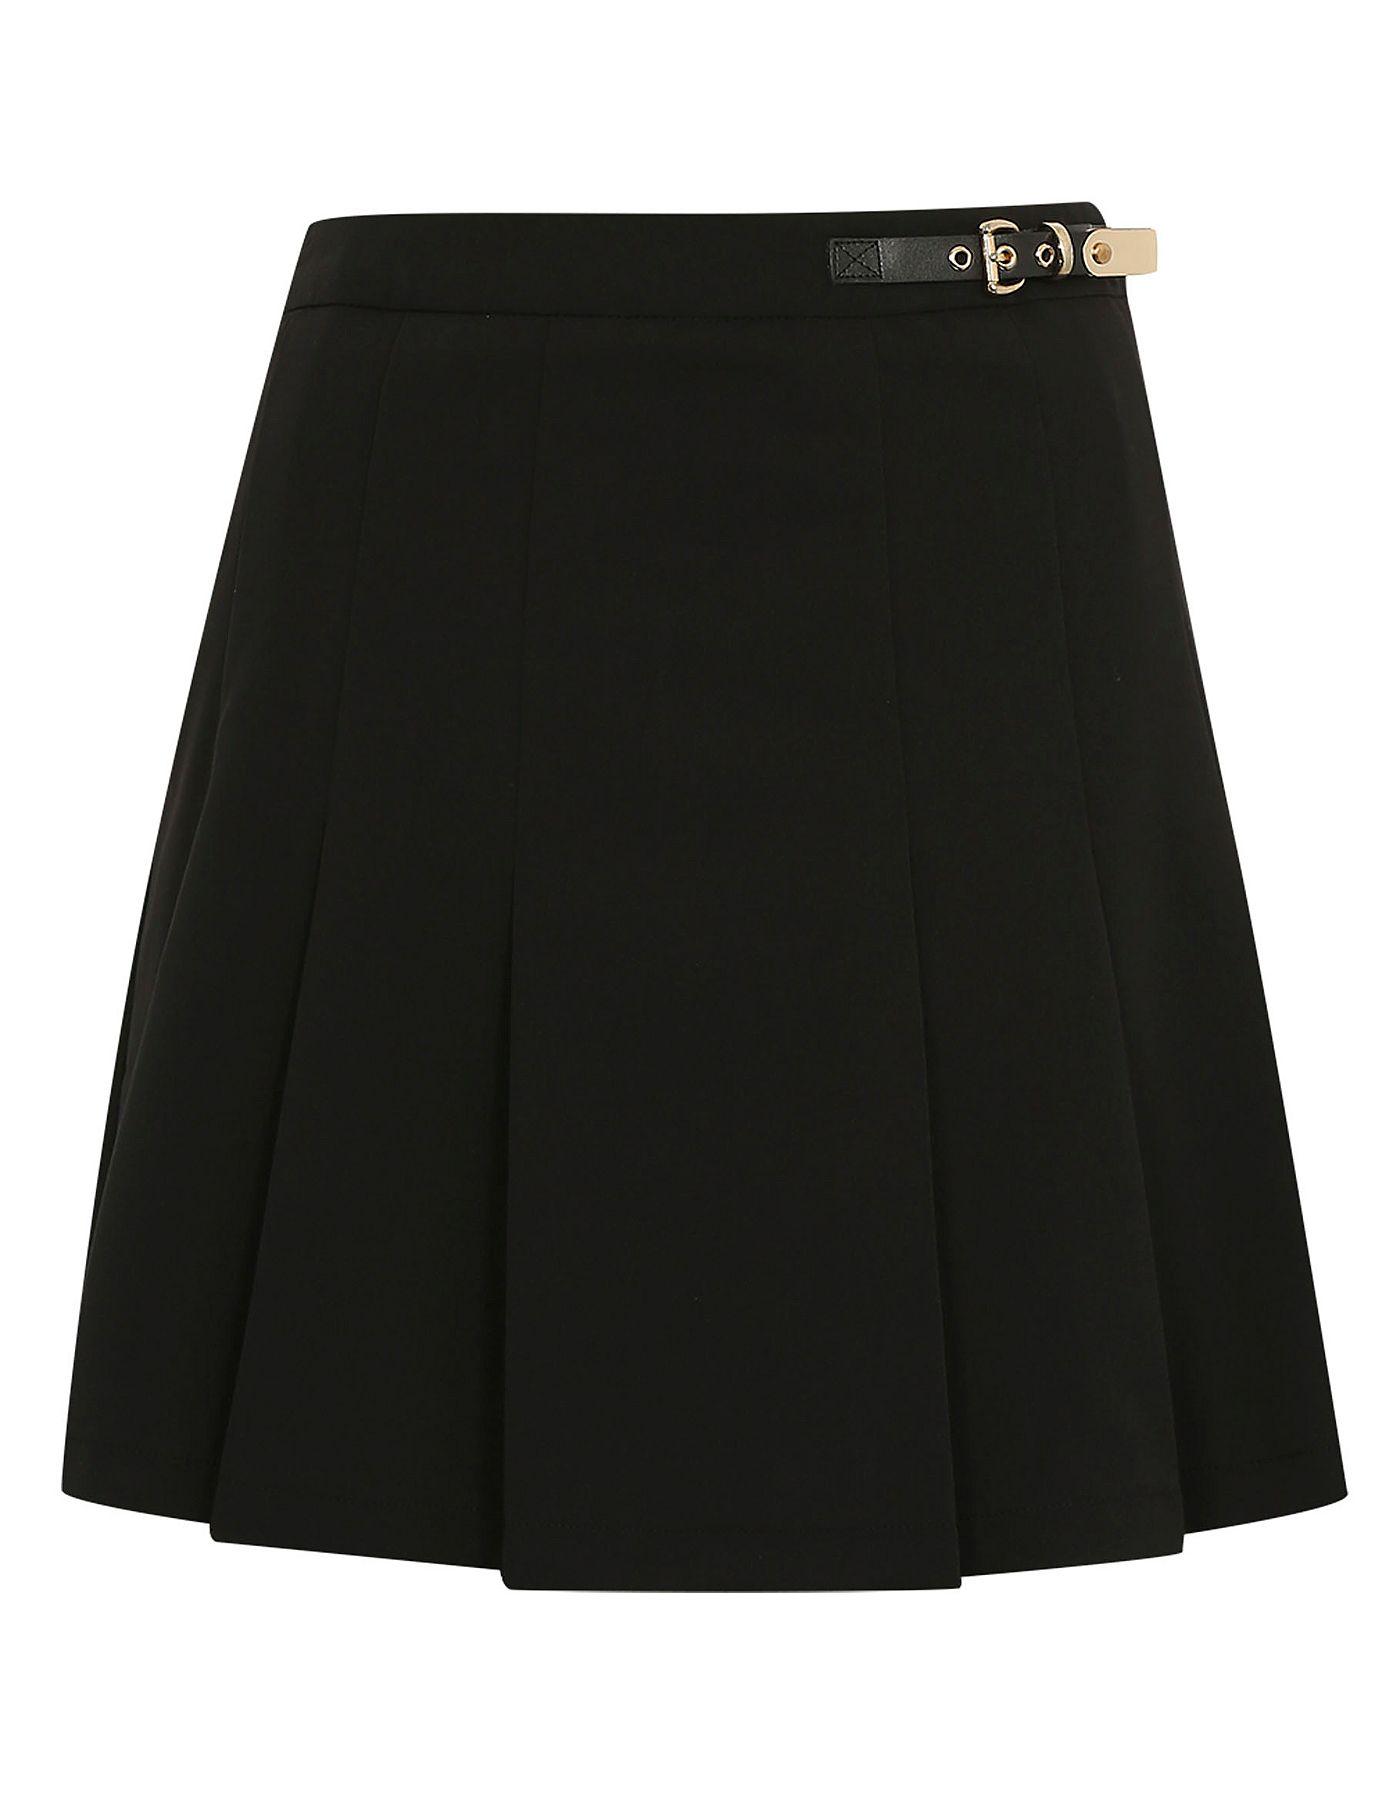 G21 Kilt Skirt